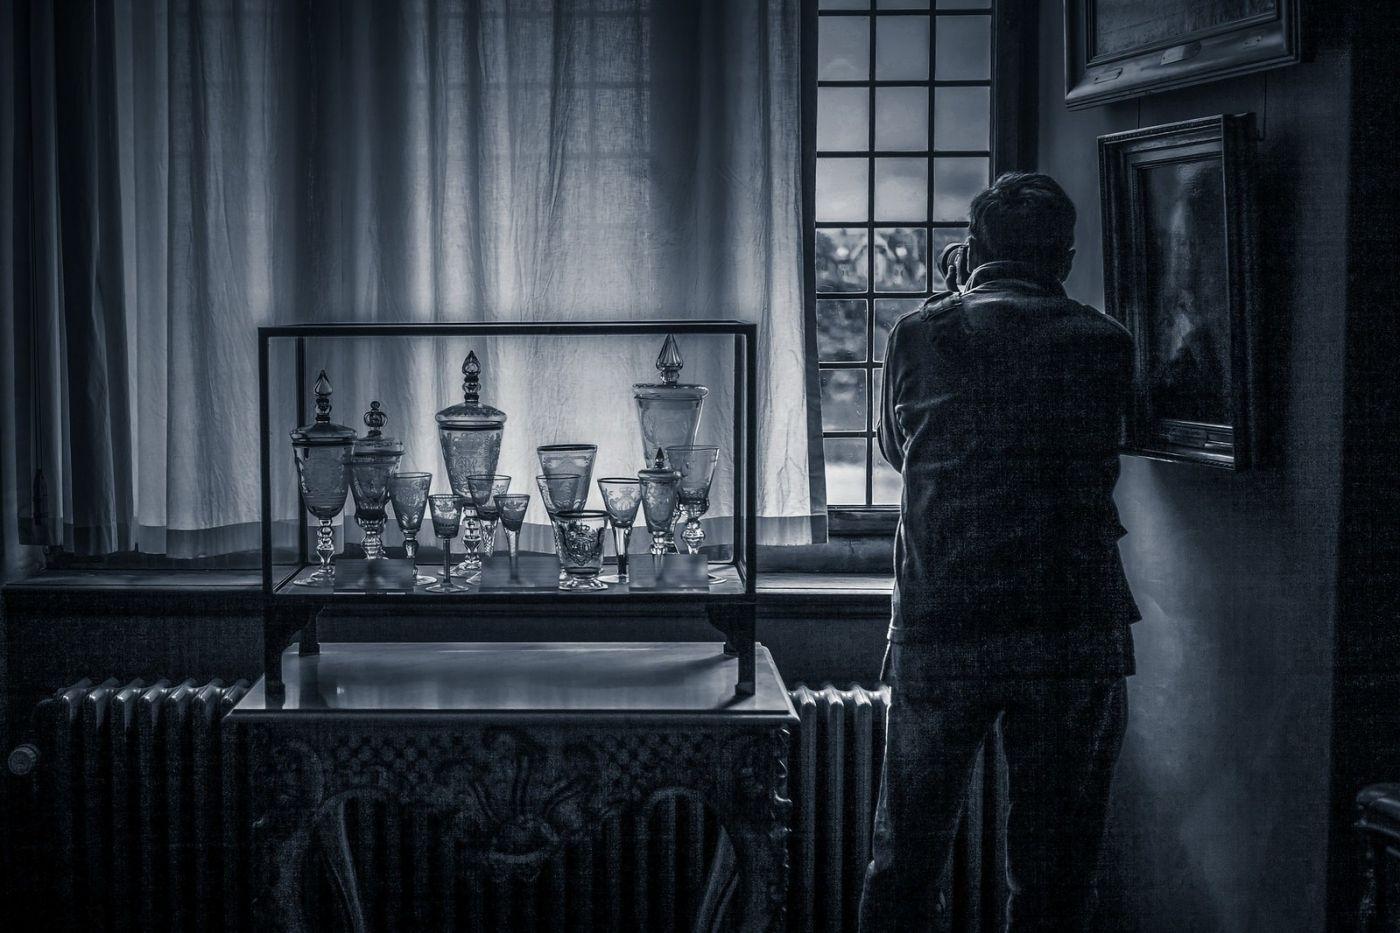 丹麦腓特烈堡城堡,回看历史_图1-15